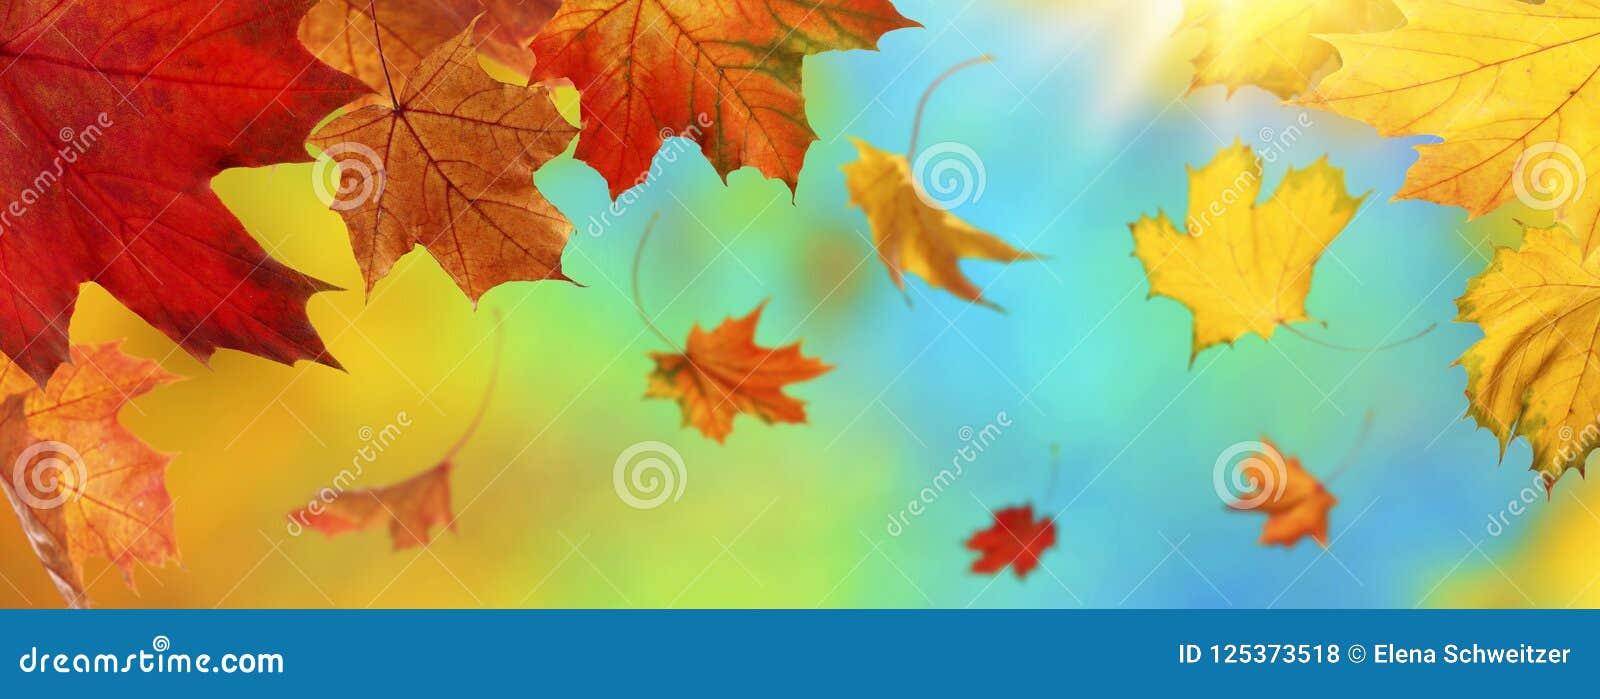 Fundo abstrato do outono